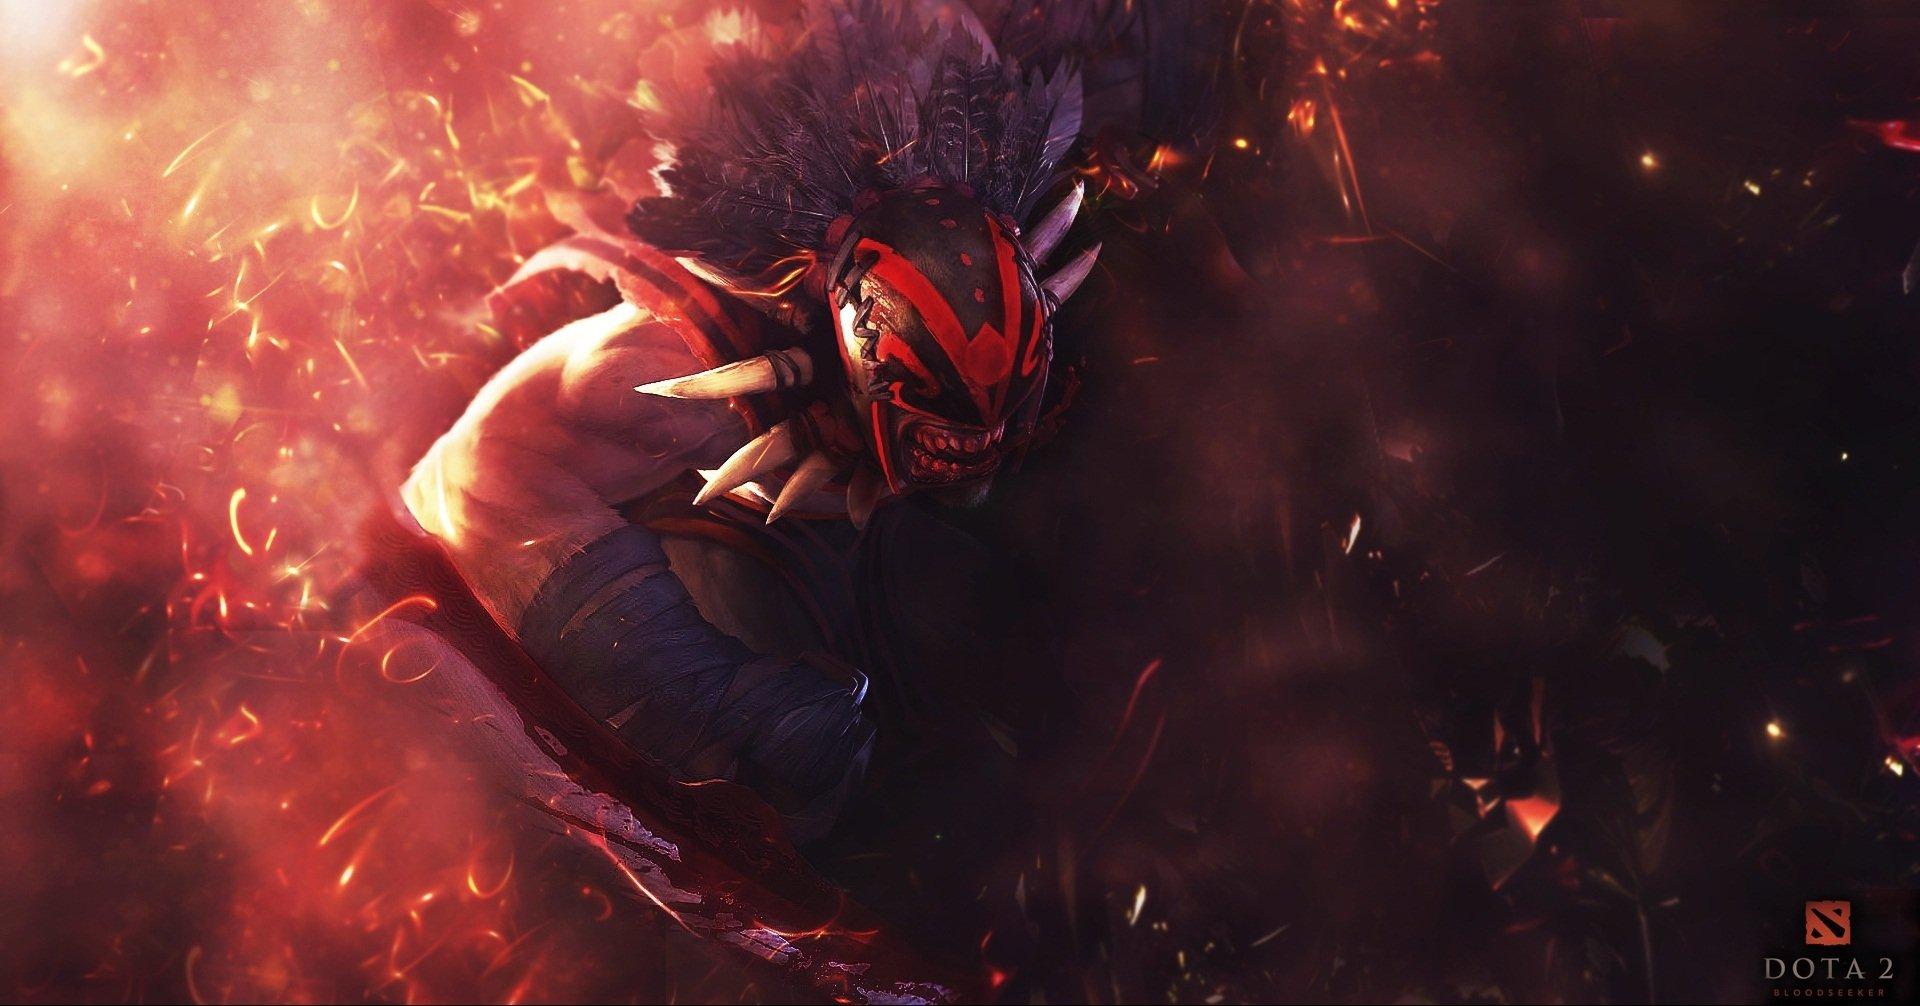 Bloodseeker DotA 2 HD Wallpaper